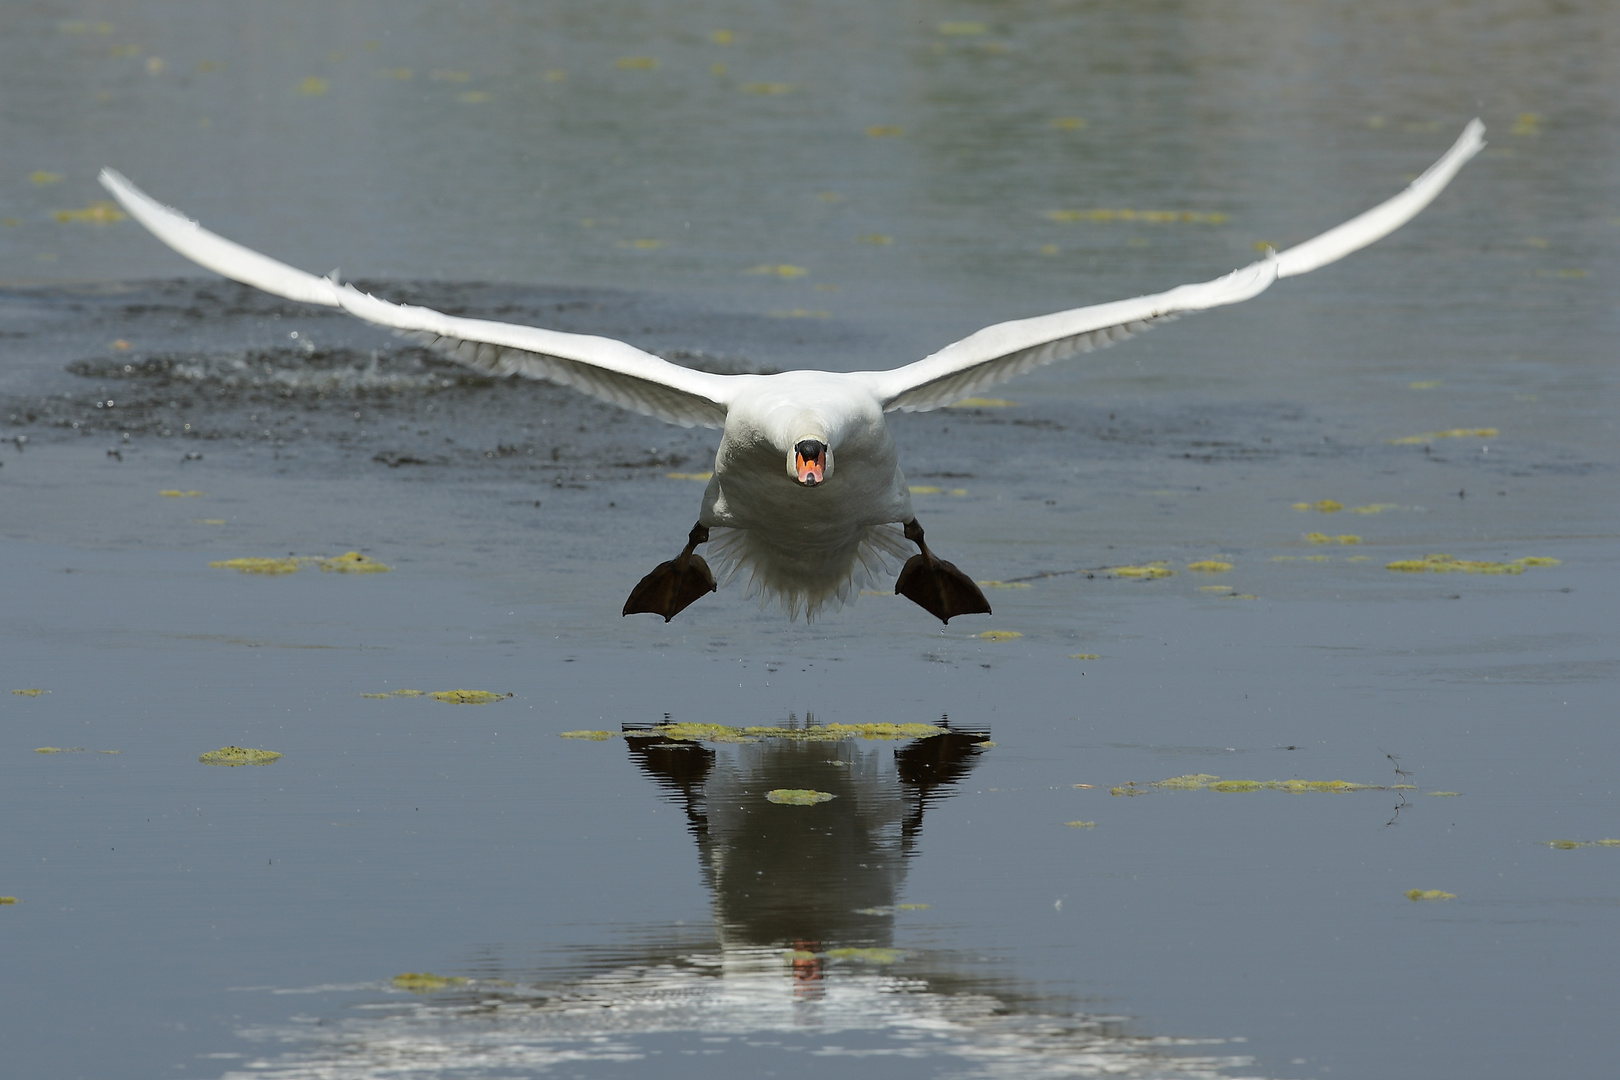 Höckerschwan im Tiefflug